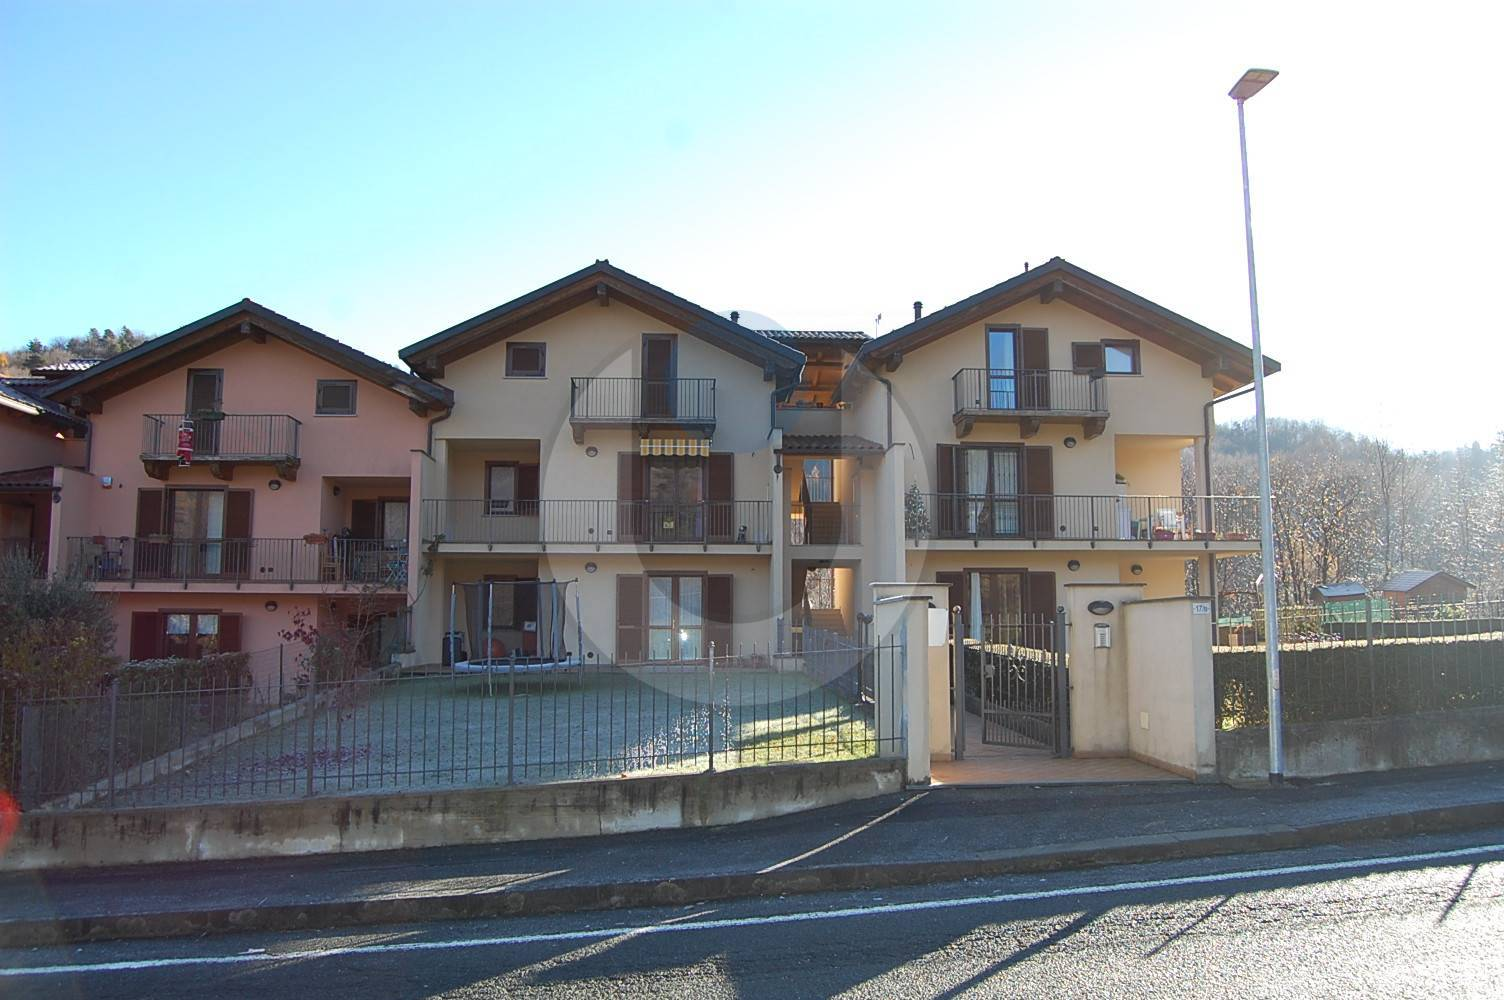 Appartamento in vendita a Giaveno, 4 locali, zona epietra, prezzo € 118.000 | PortaleAgenzieImmobiliari.it